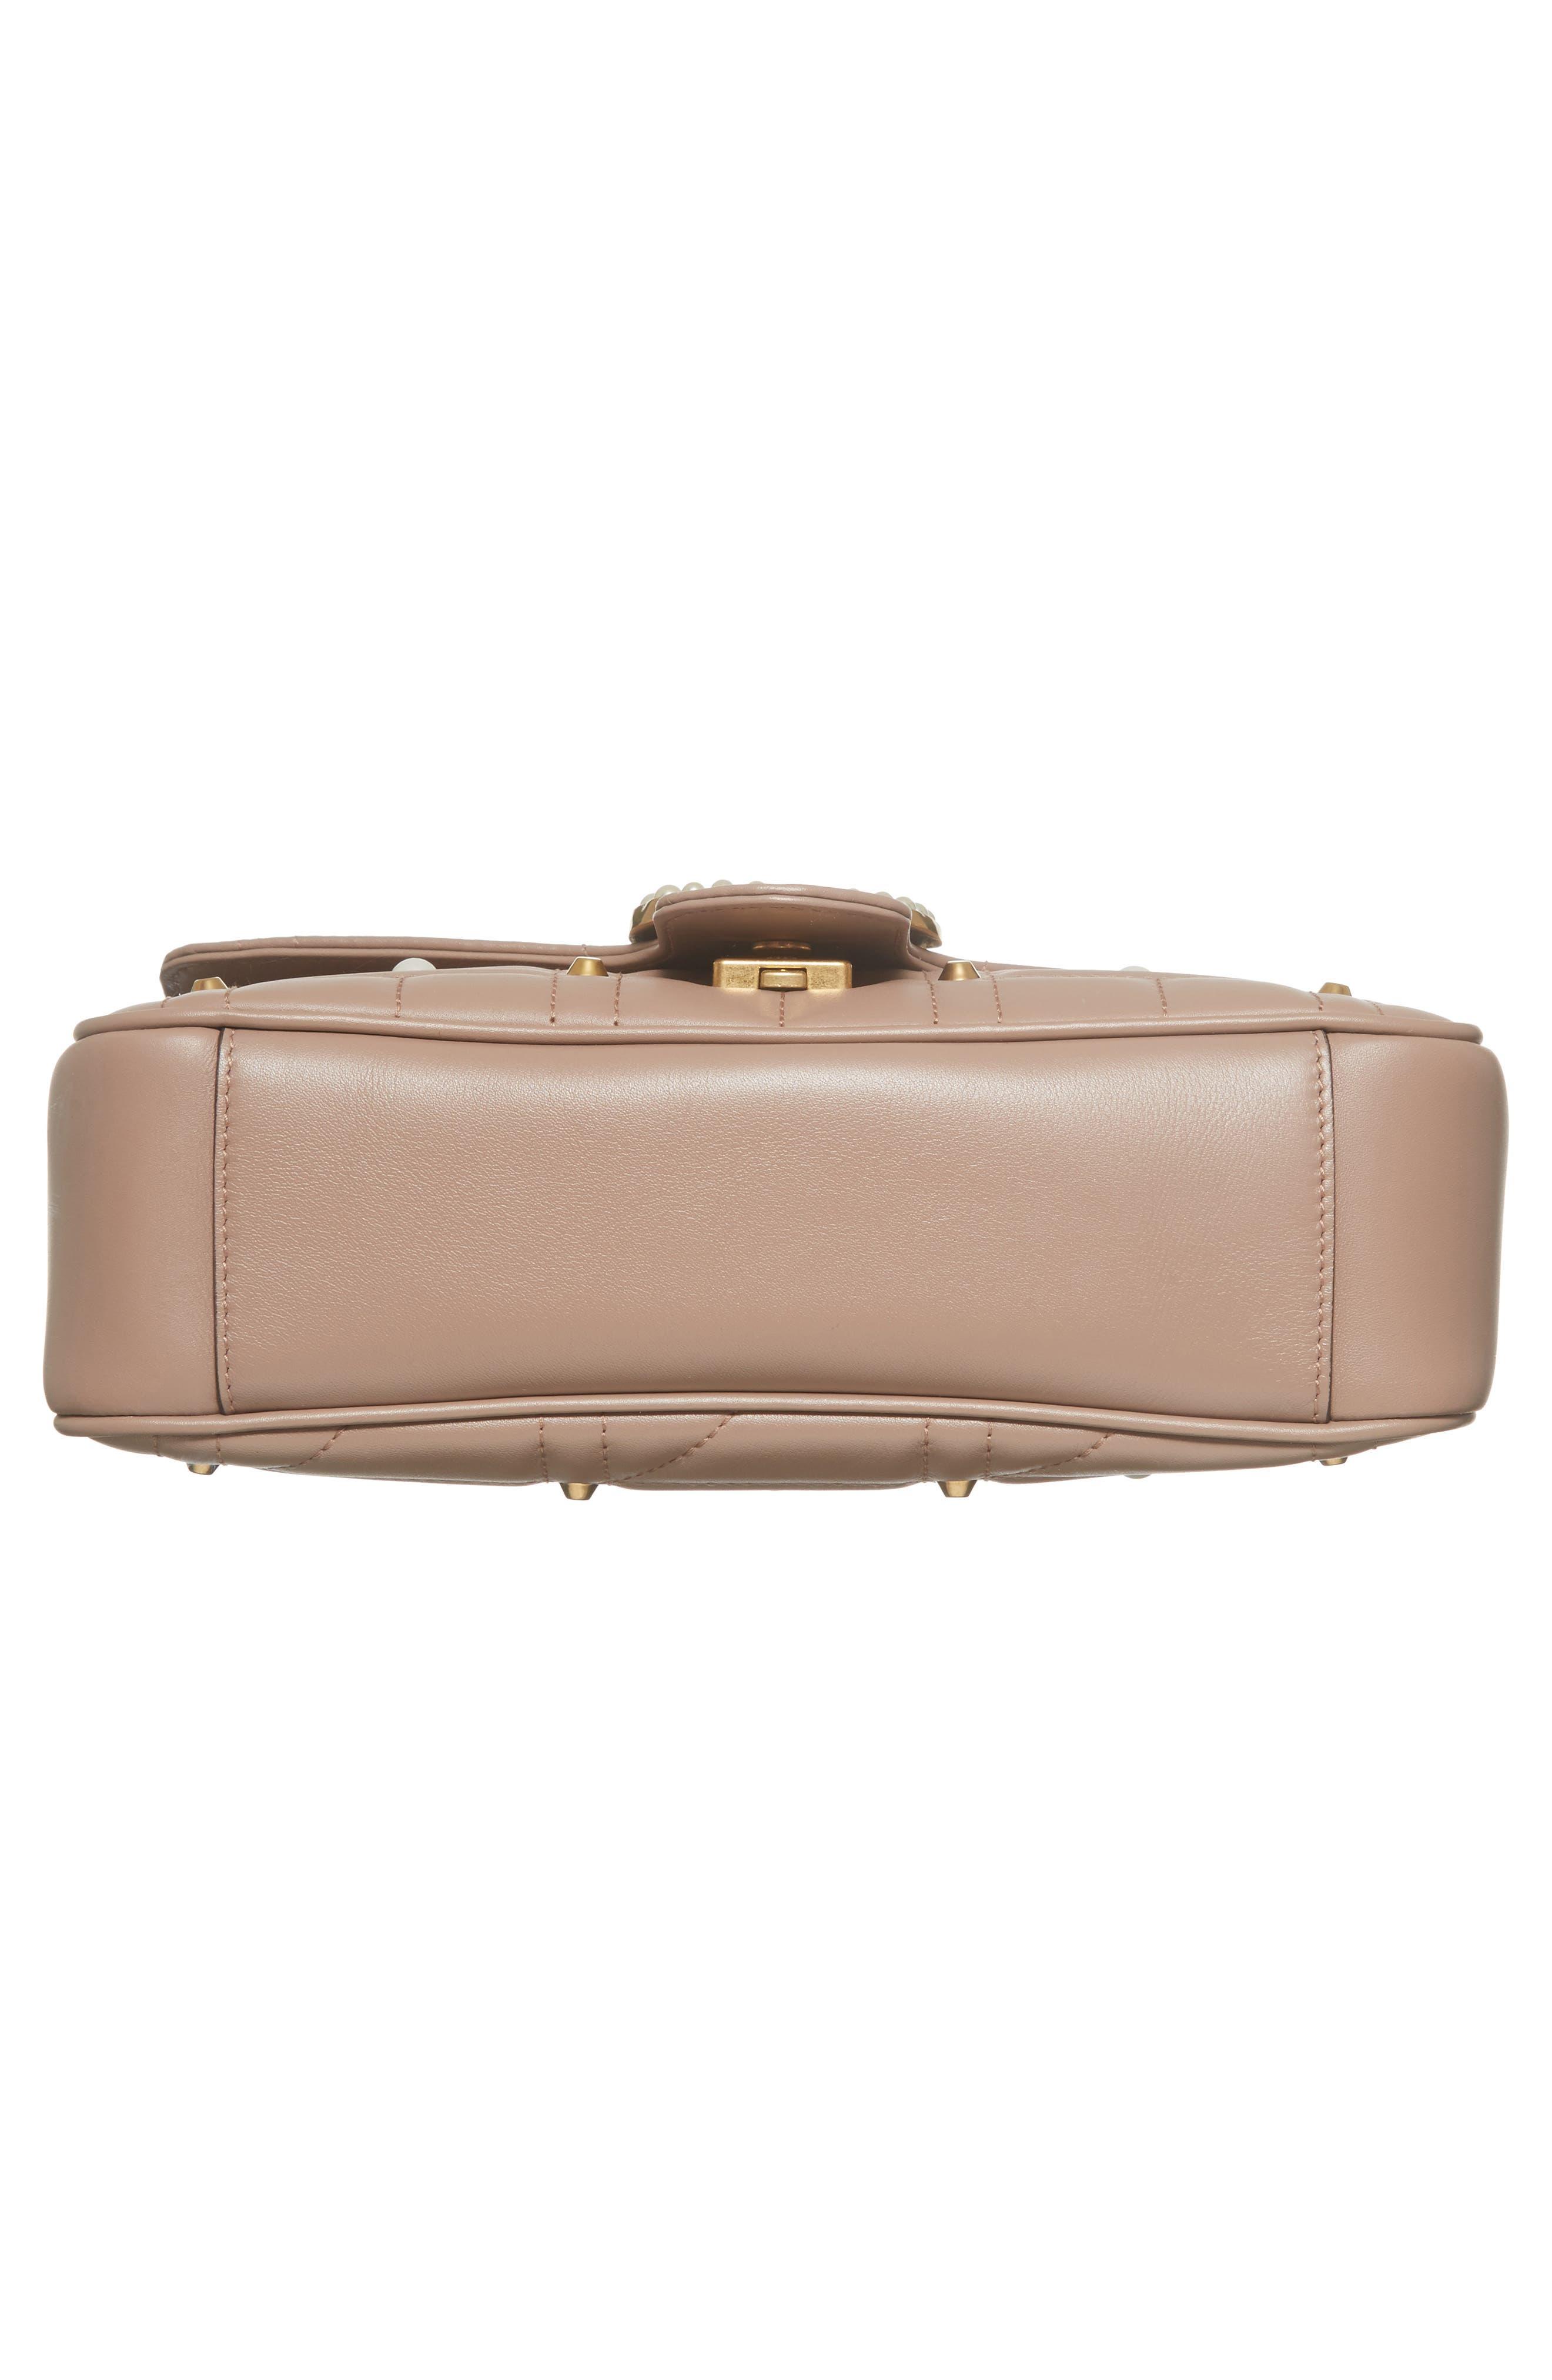 GG Marmont Matelassé Imitation Pearl Leather Shoulder Bag,                             Alternate thumbnail 10, color,